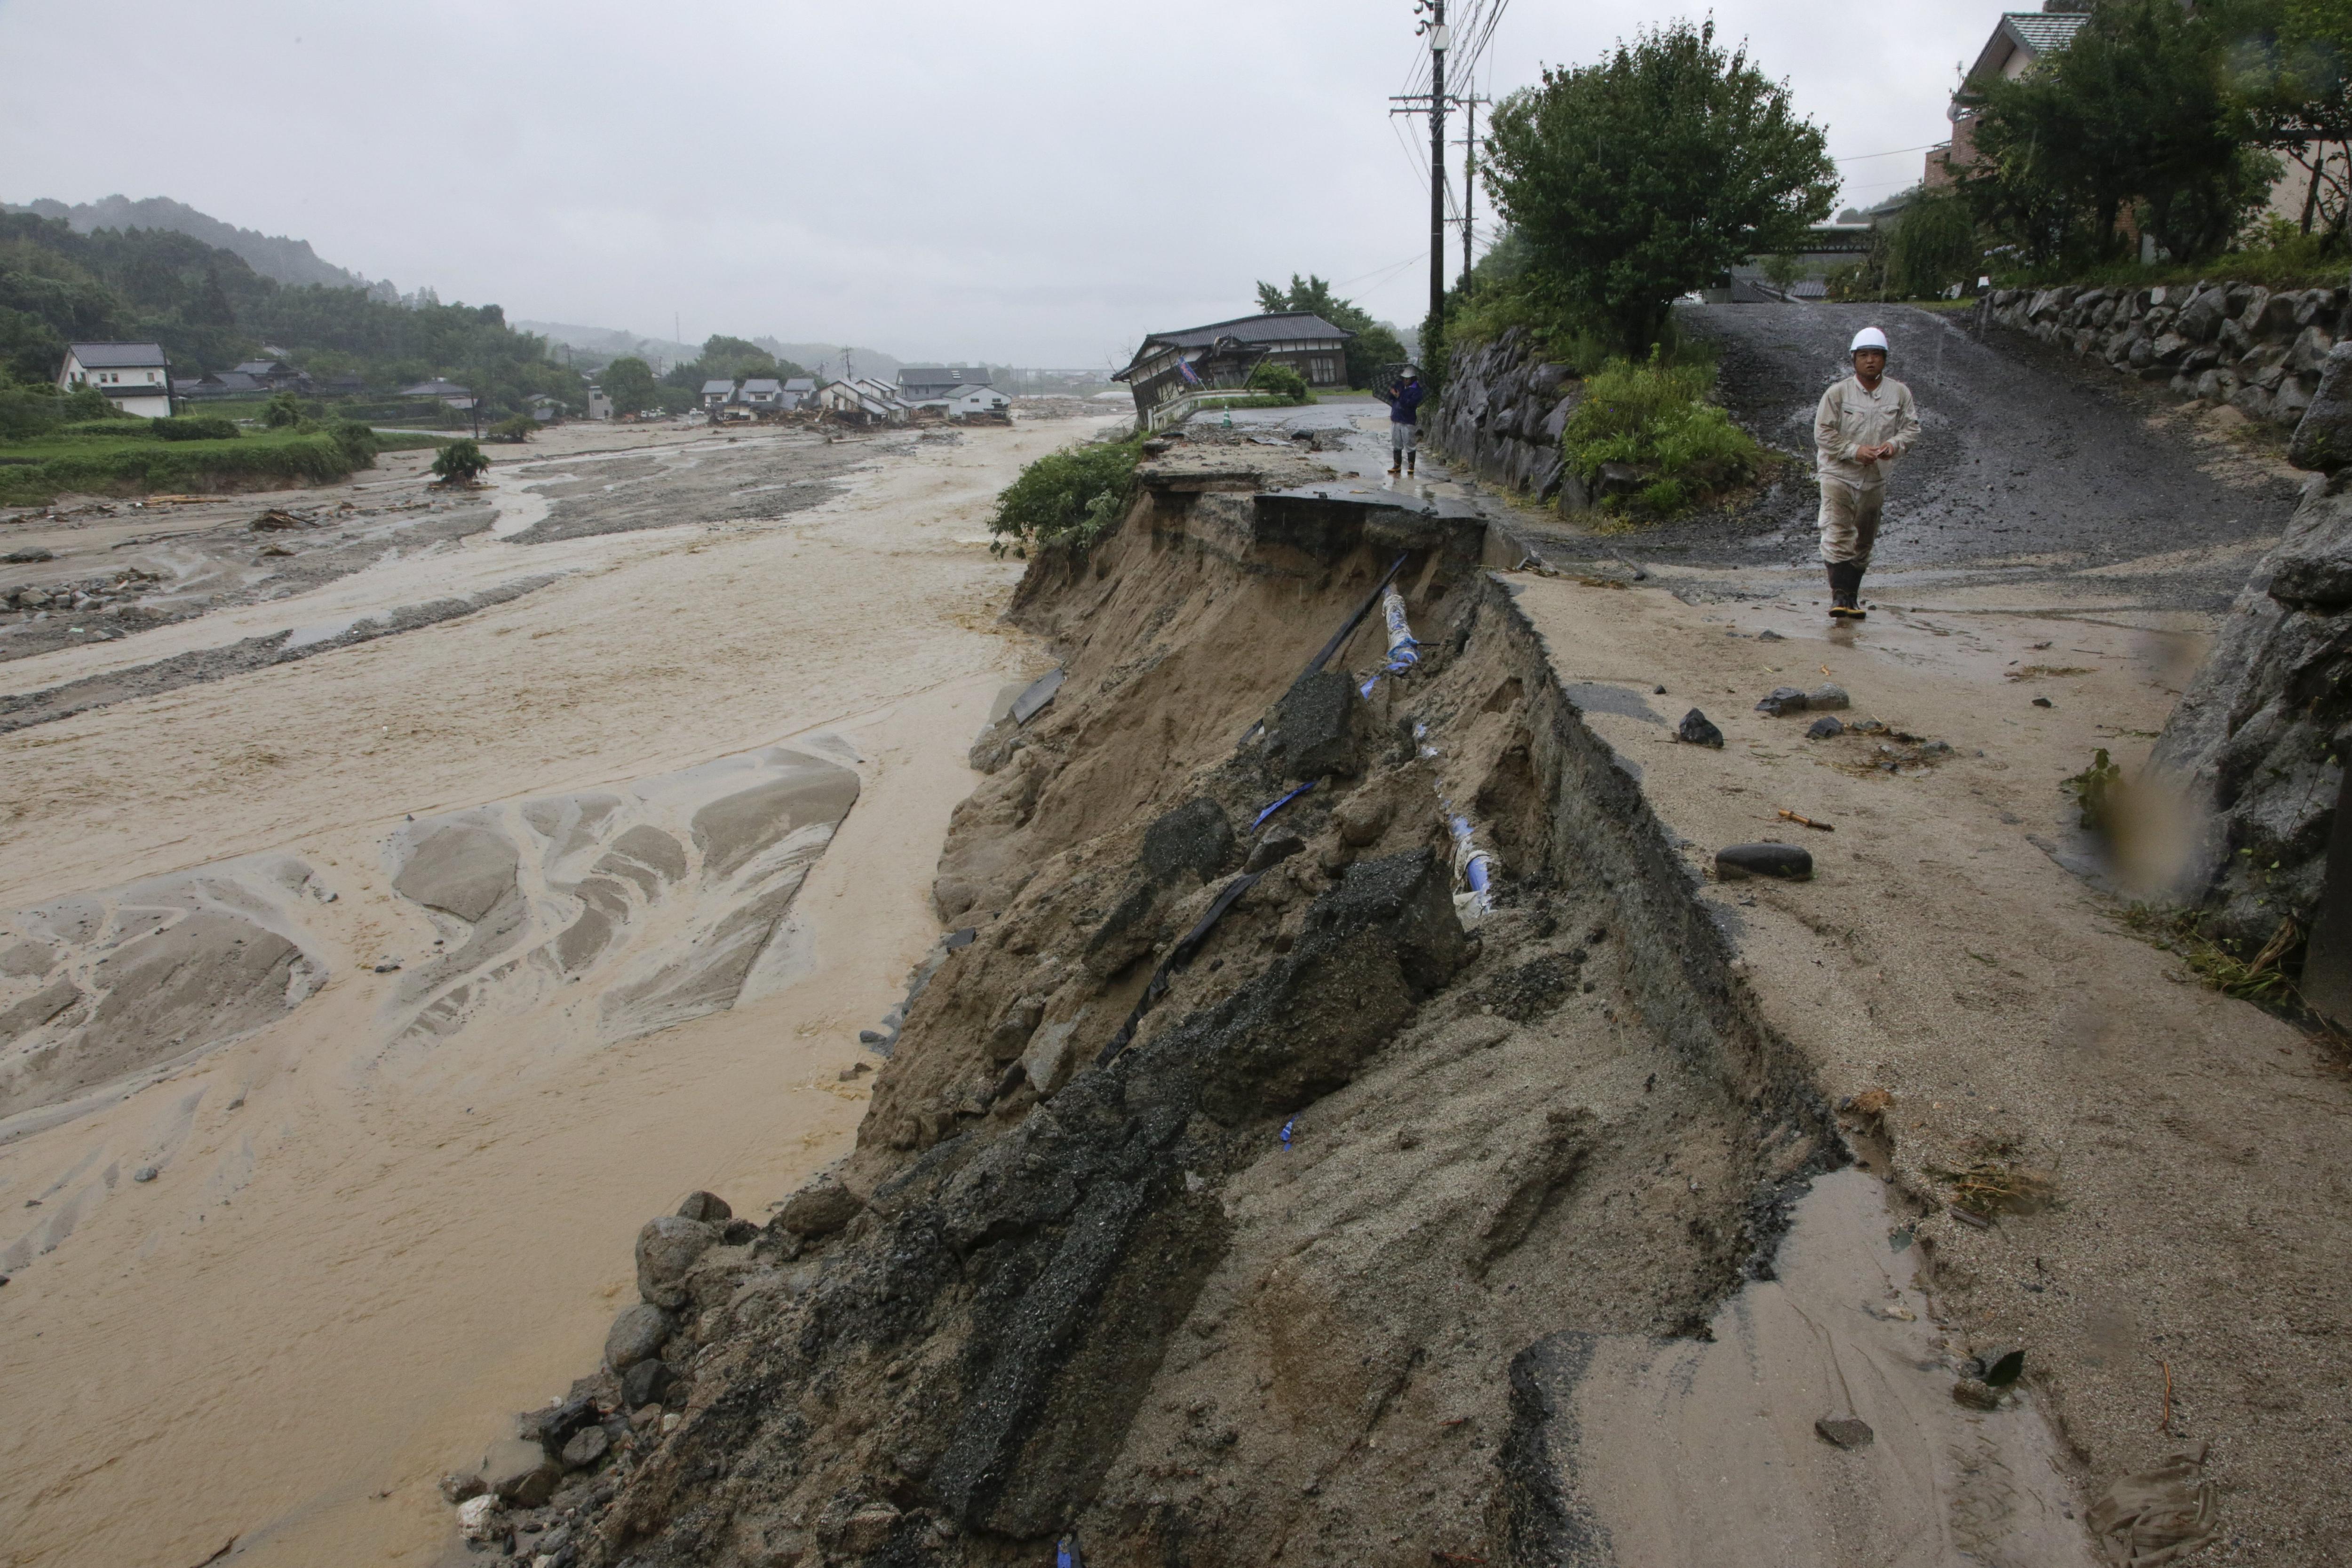 Una tempesta provoca inundacions i lliscaments de terra en el sud-oest de Japó. /KIMIMASA MAYAMA